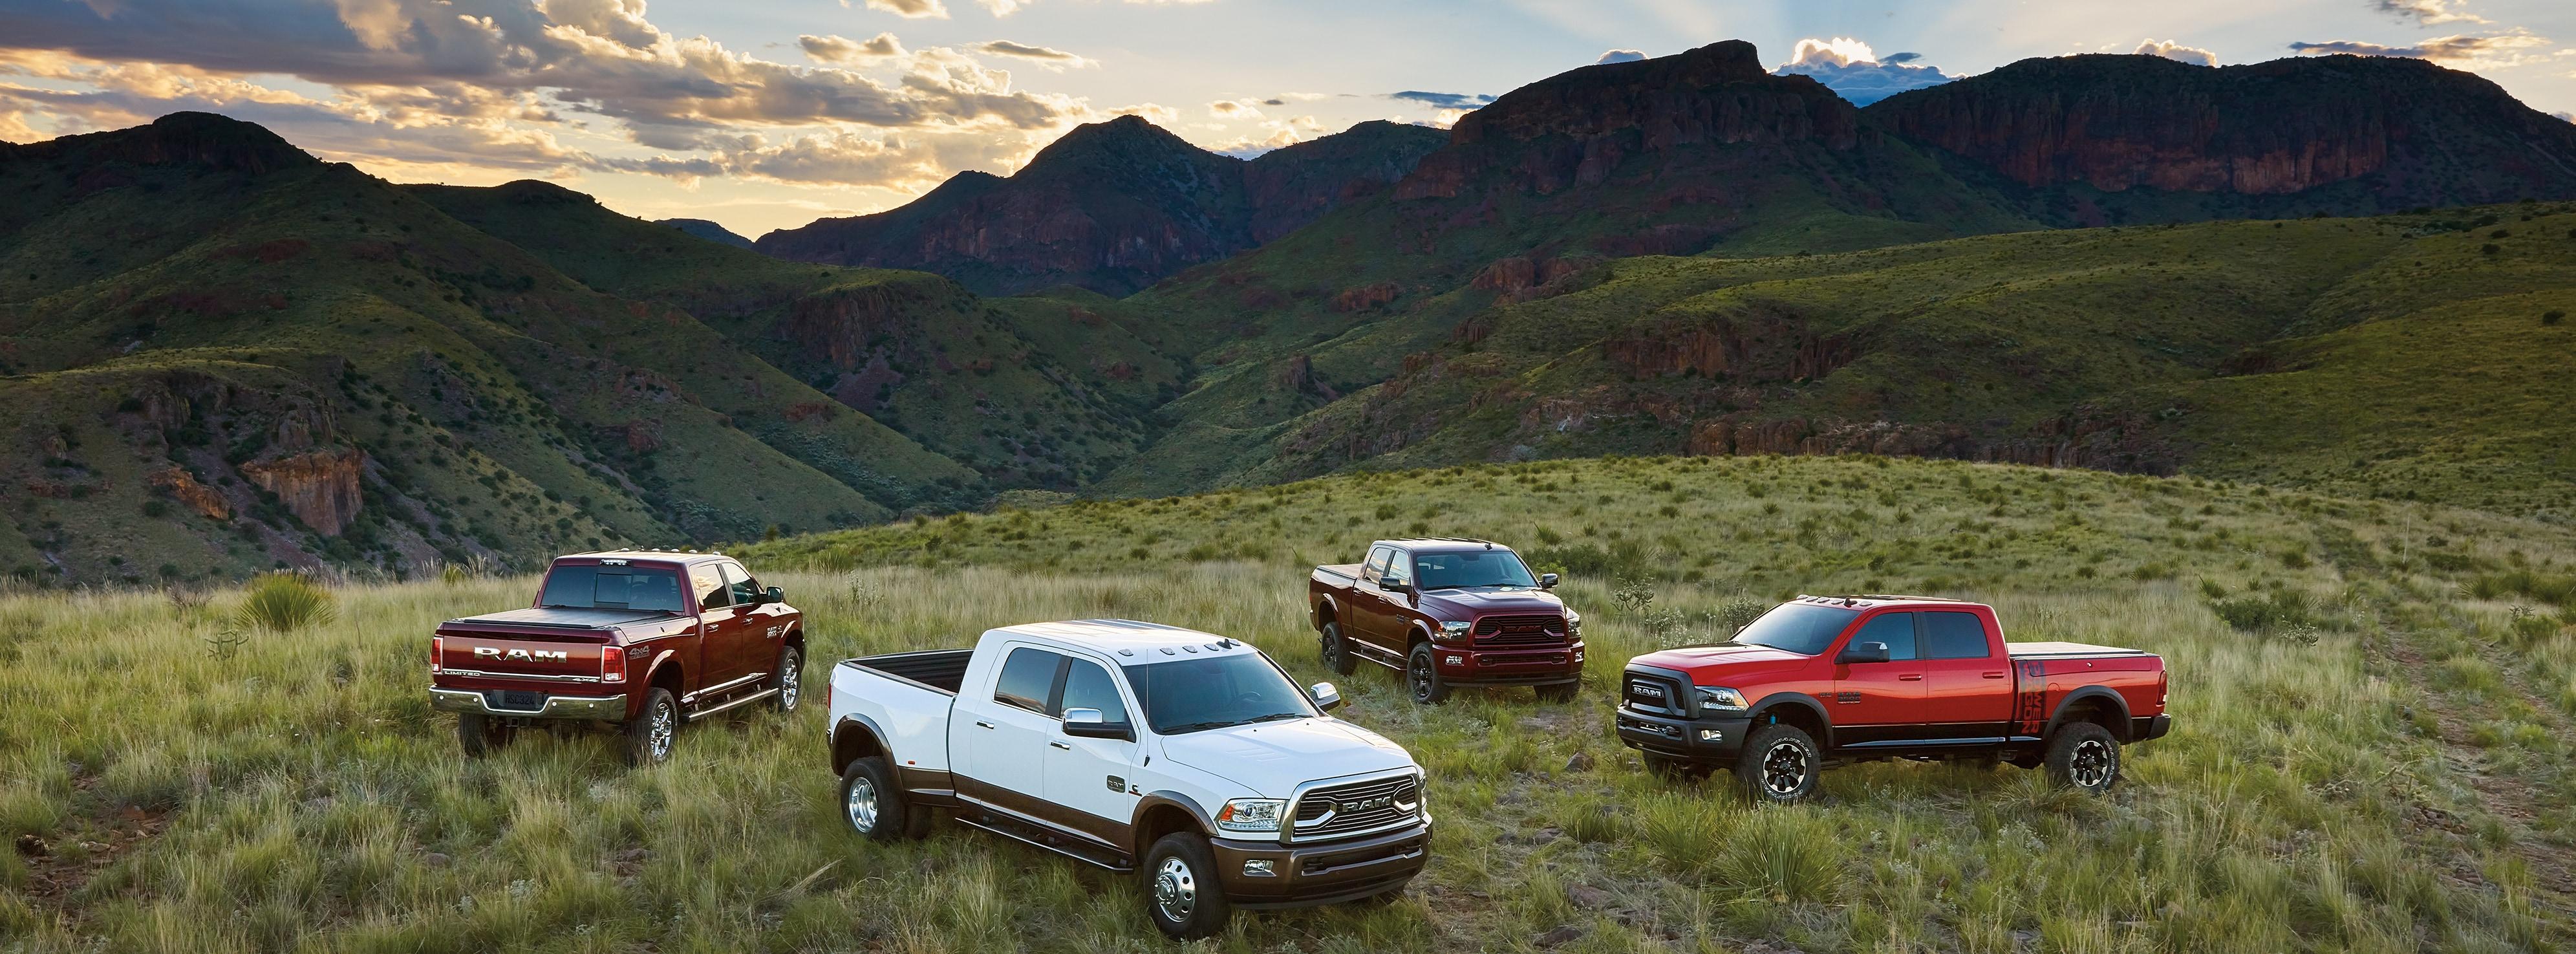 New ram trucks in greenfield ma brown motors near for Brown motors inc greenfield ma